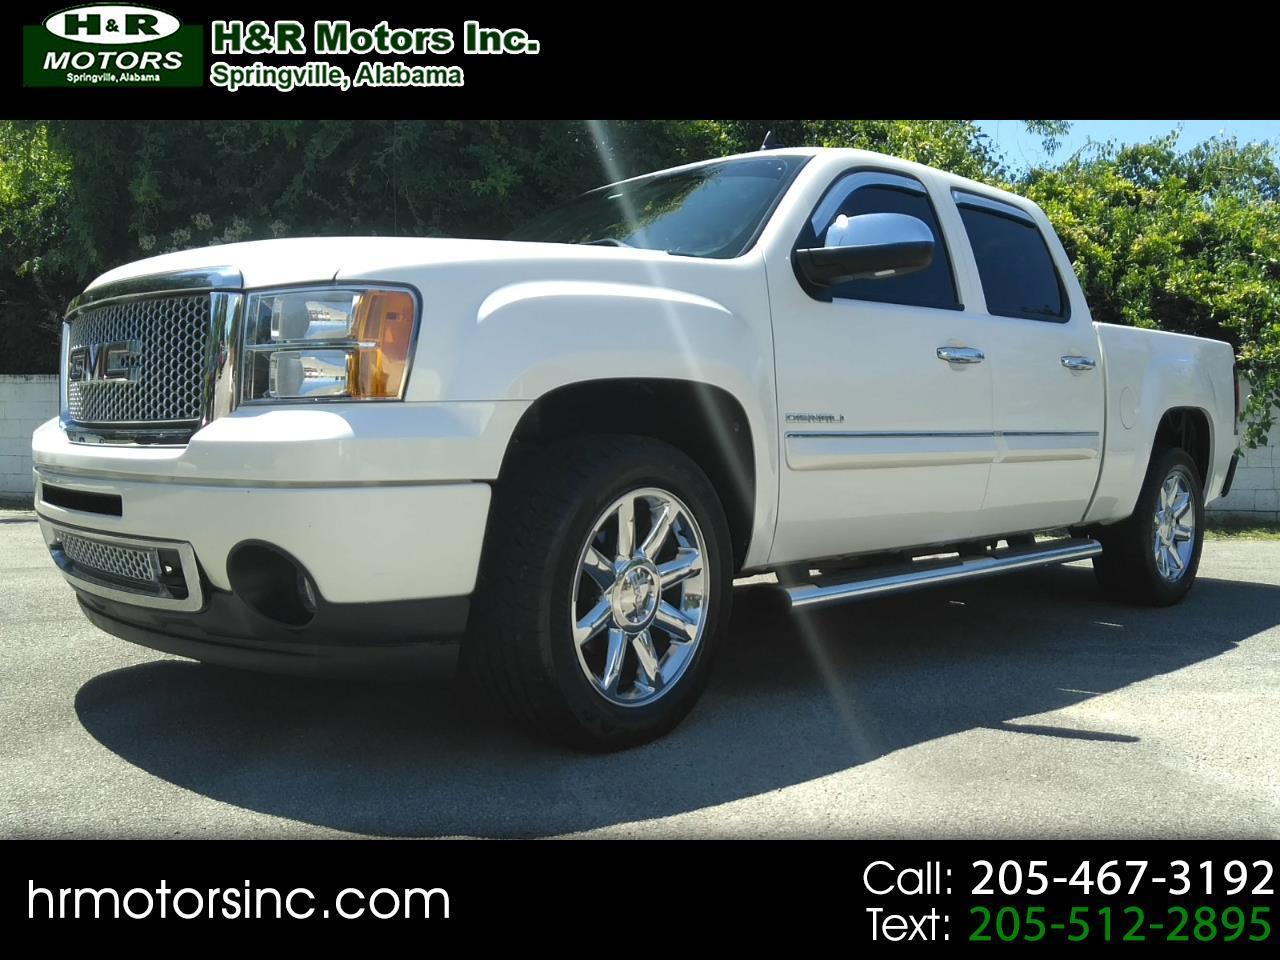 2012 GMC Sierra 1500 1500 DENALI